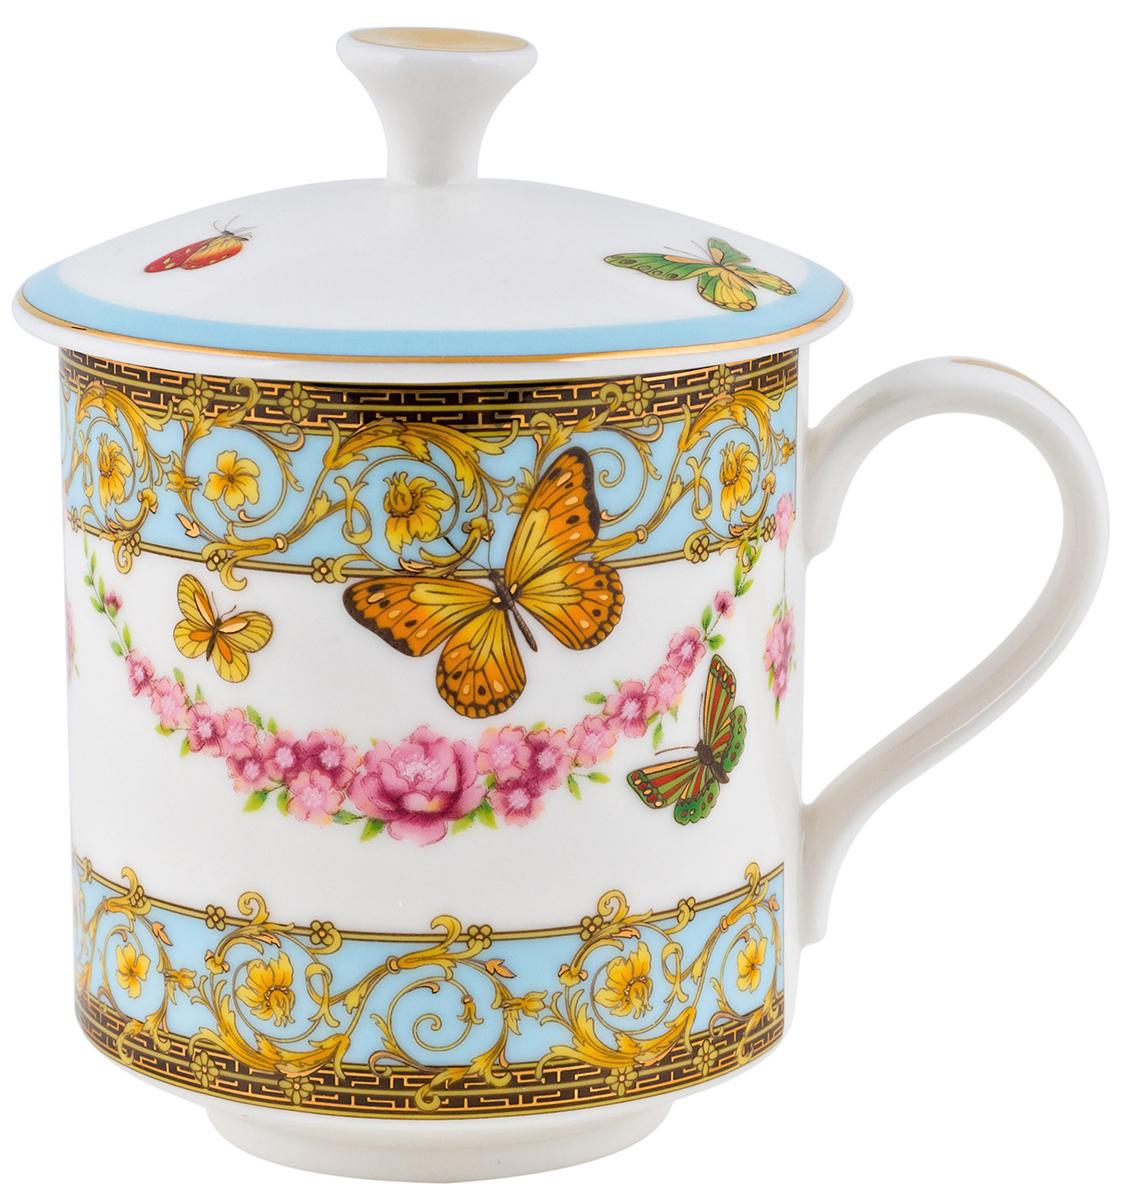 Кружка Elff Decor Italy design, с крышкой, 320 мл130-016Кружка из серии посуды Italy design, в которой каждый предмет выглядит невероятно нежно и изысканно. Нежные цветы и порхающие бабочки, эта роскошная коллекция - образец гармоничного дизайна в романтическом стиле. Оригинальная посуда на ножках сделает неповторимым ваш интерьер !